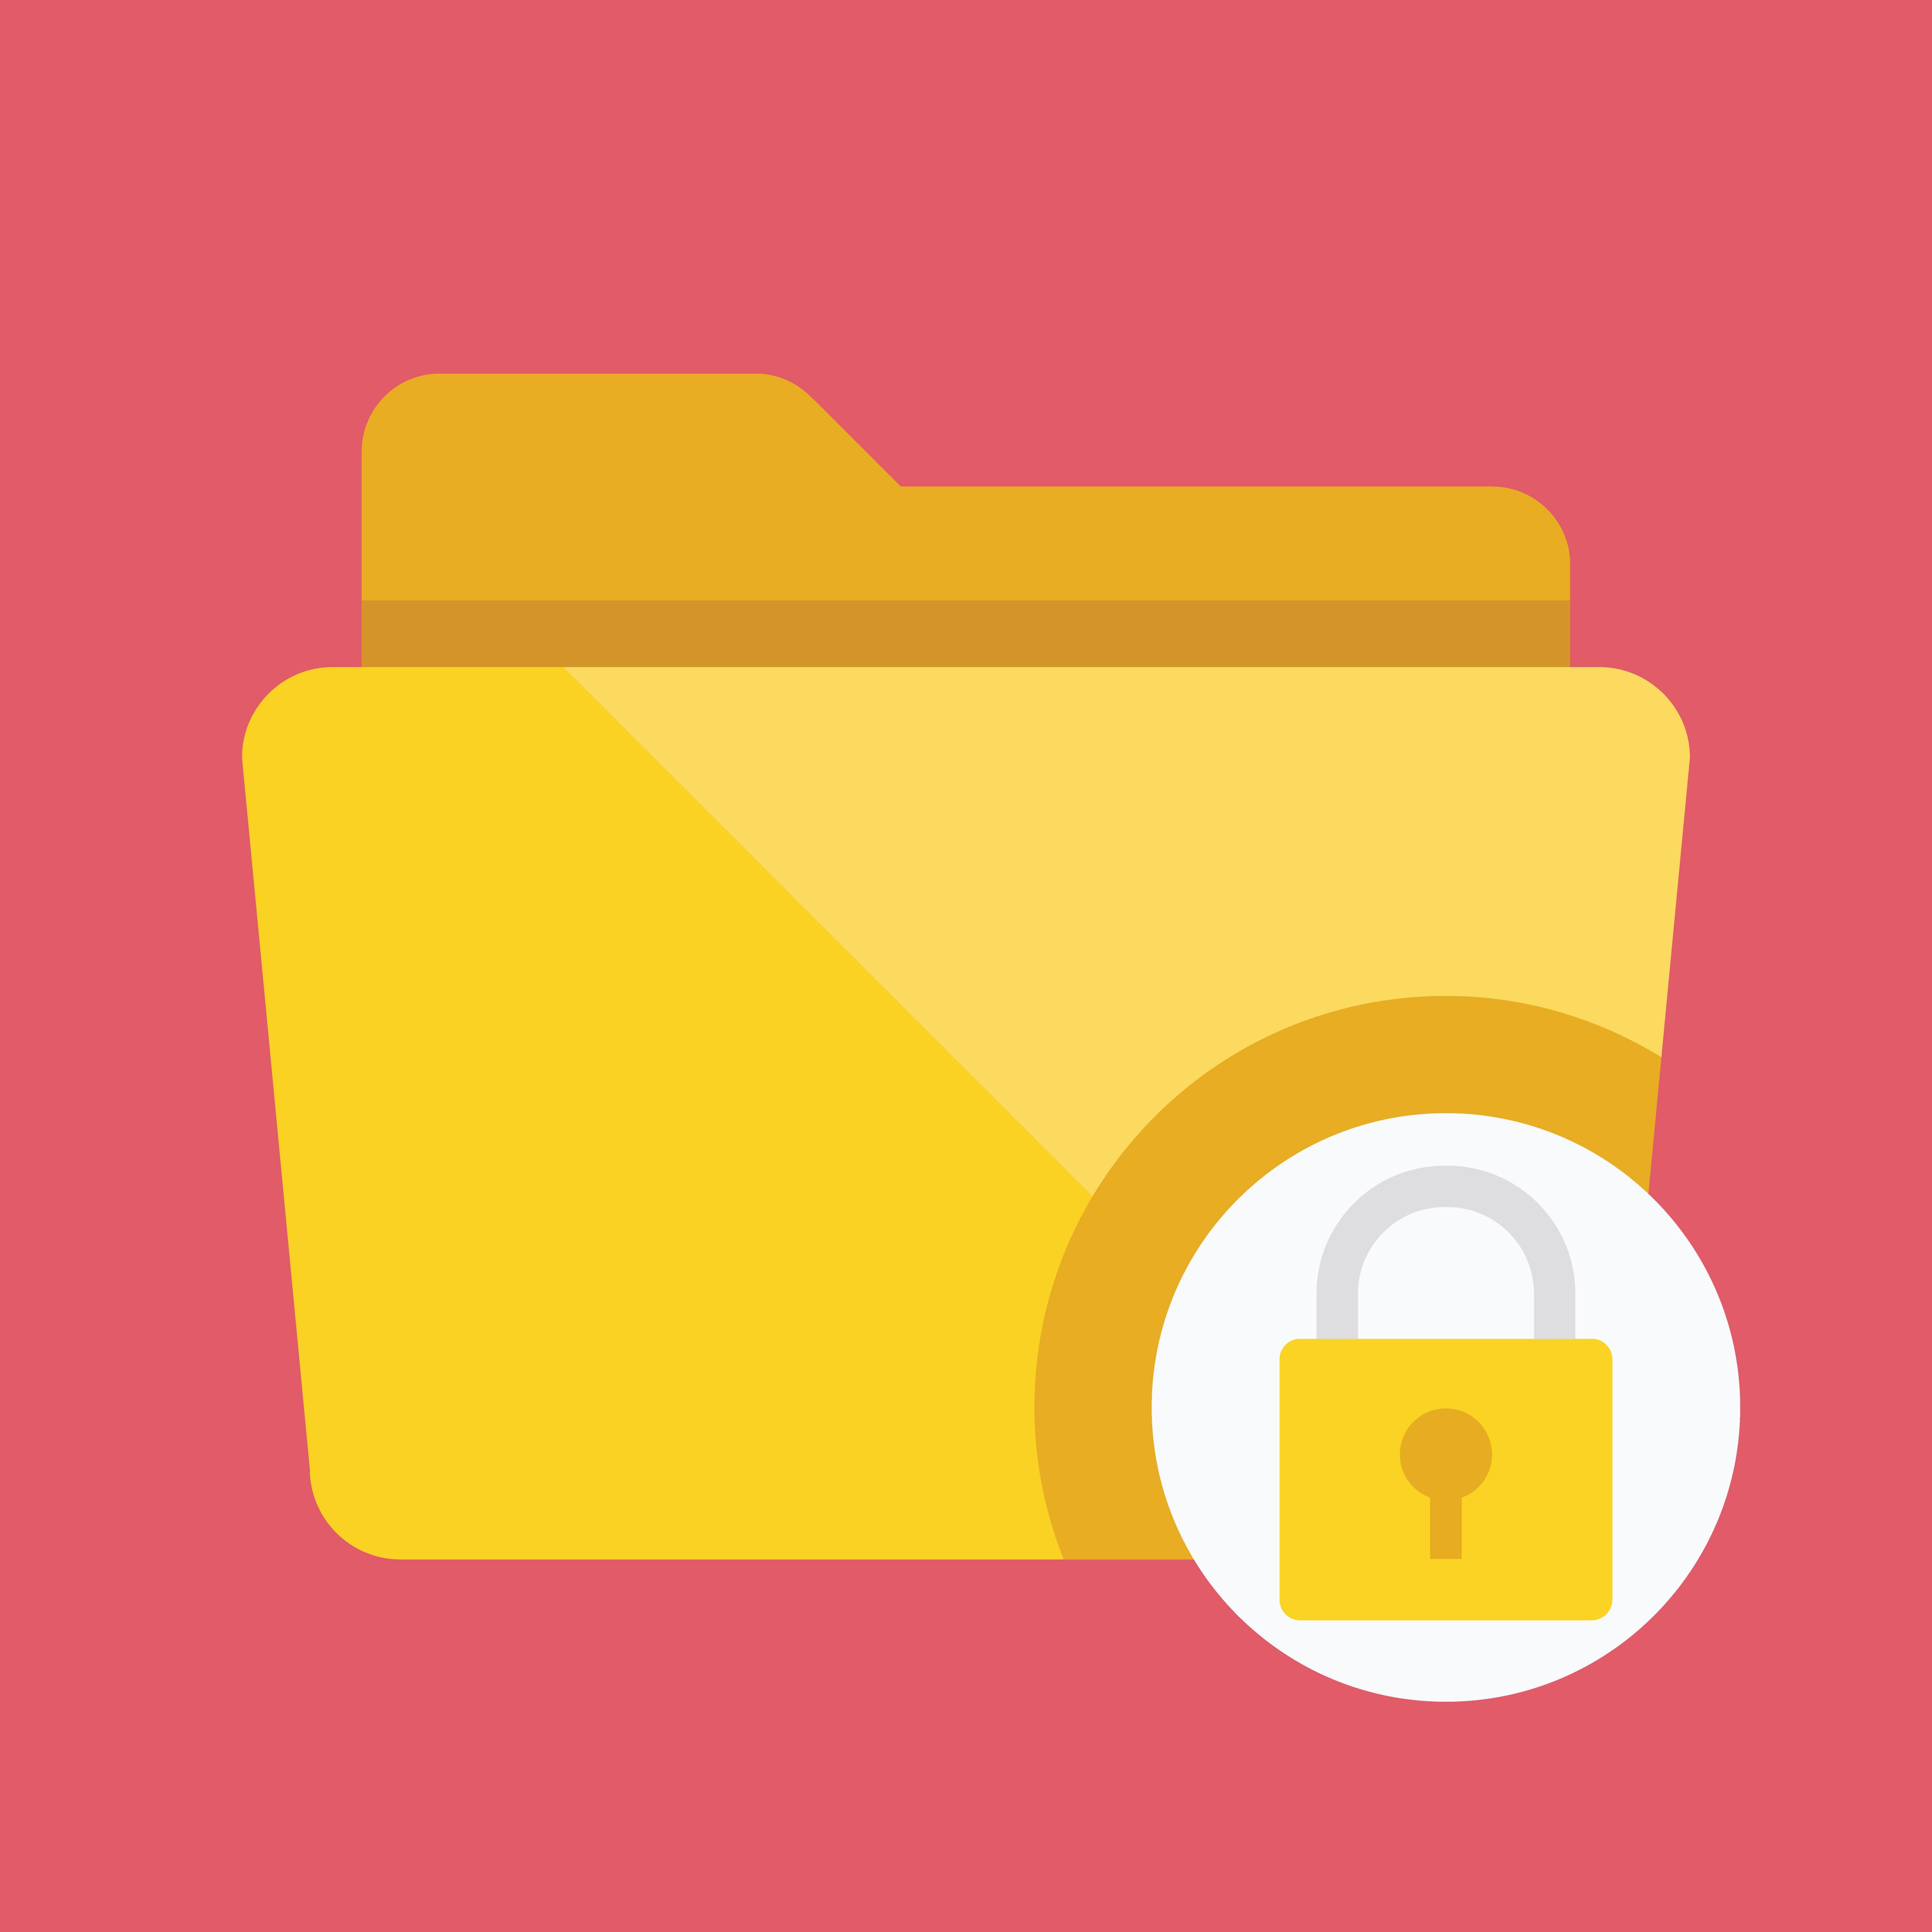 shutterstock-file-lock